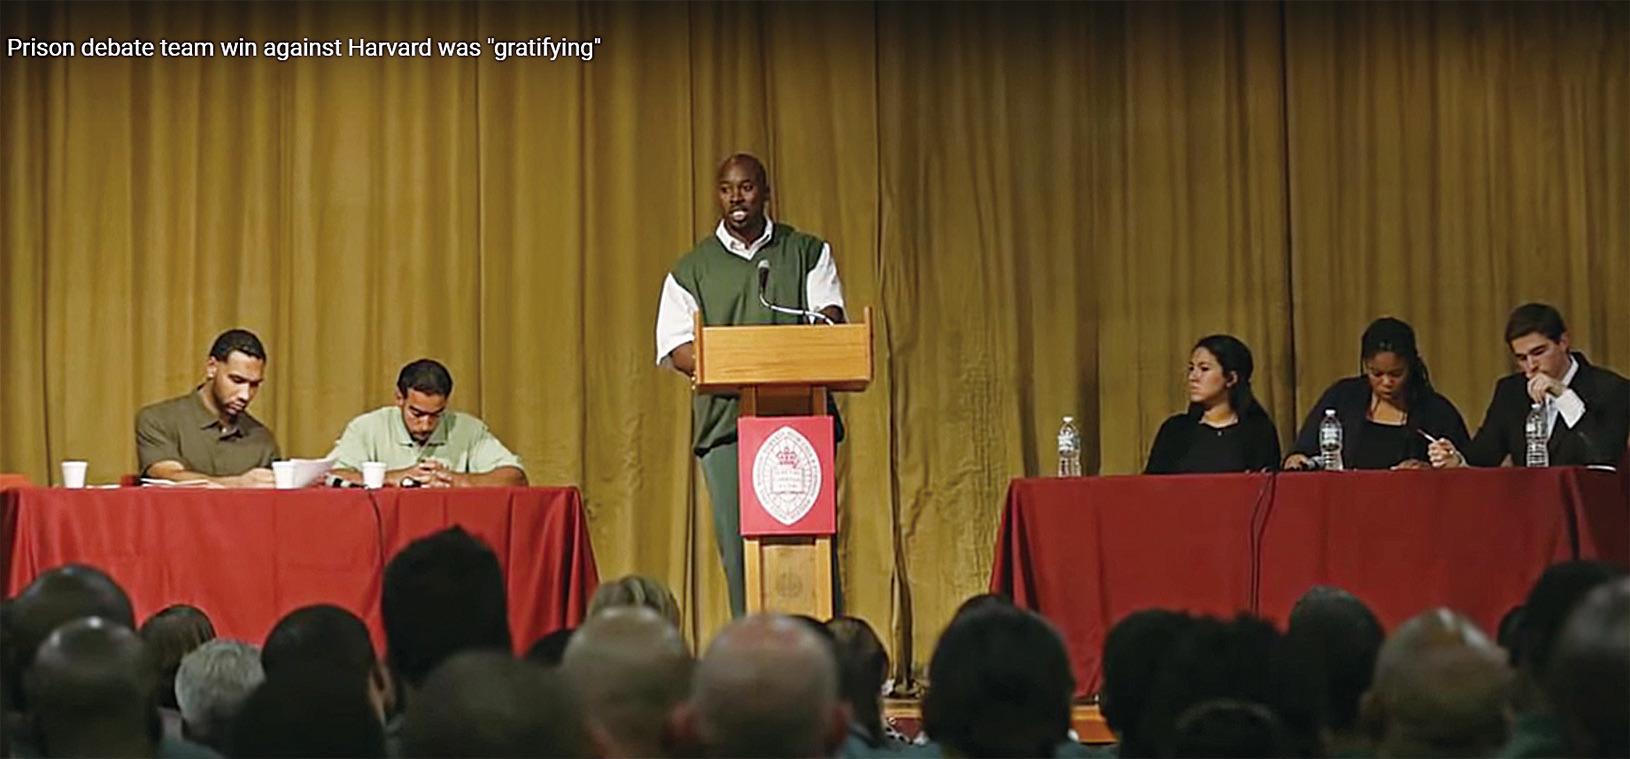 42歲的施耐德在台上辯論。他最早要到2024年才能刑滿出獄。目前他已經在巴德計劃中獲得了碩士學位,並將繼續學習有關公共健康的大學課程。(YouTube影片截圖)